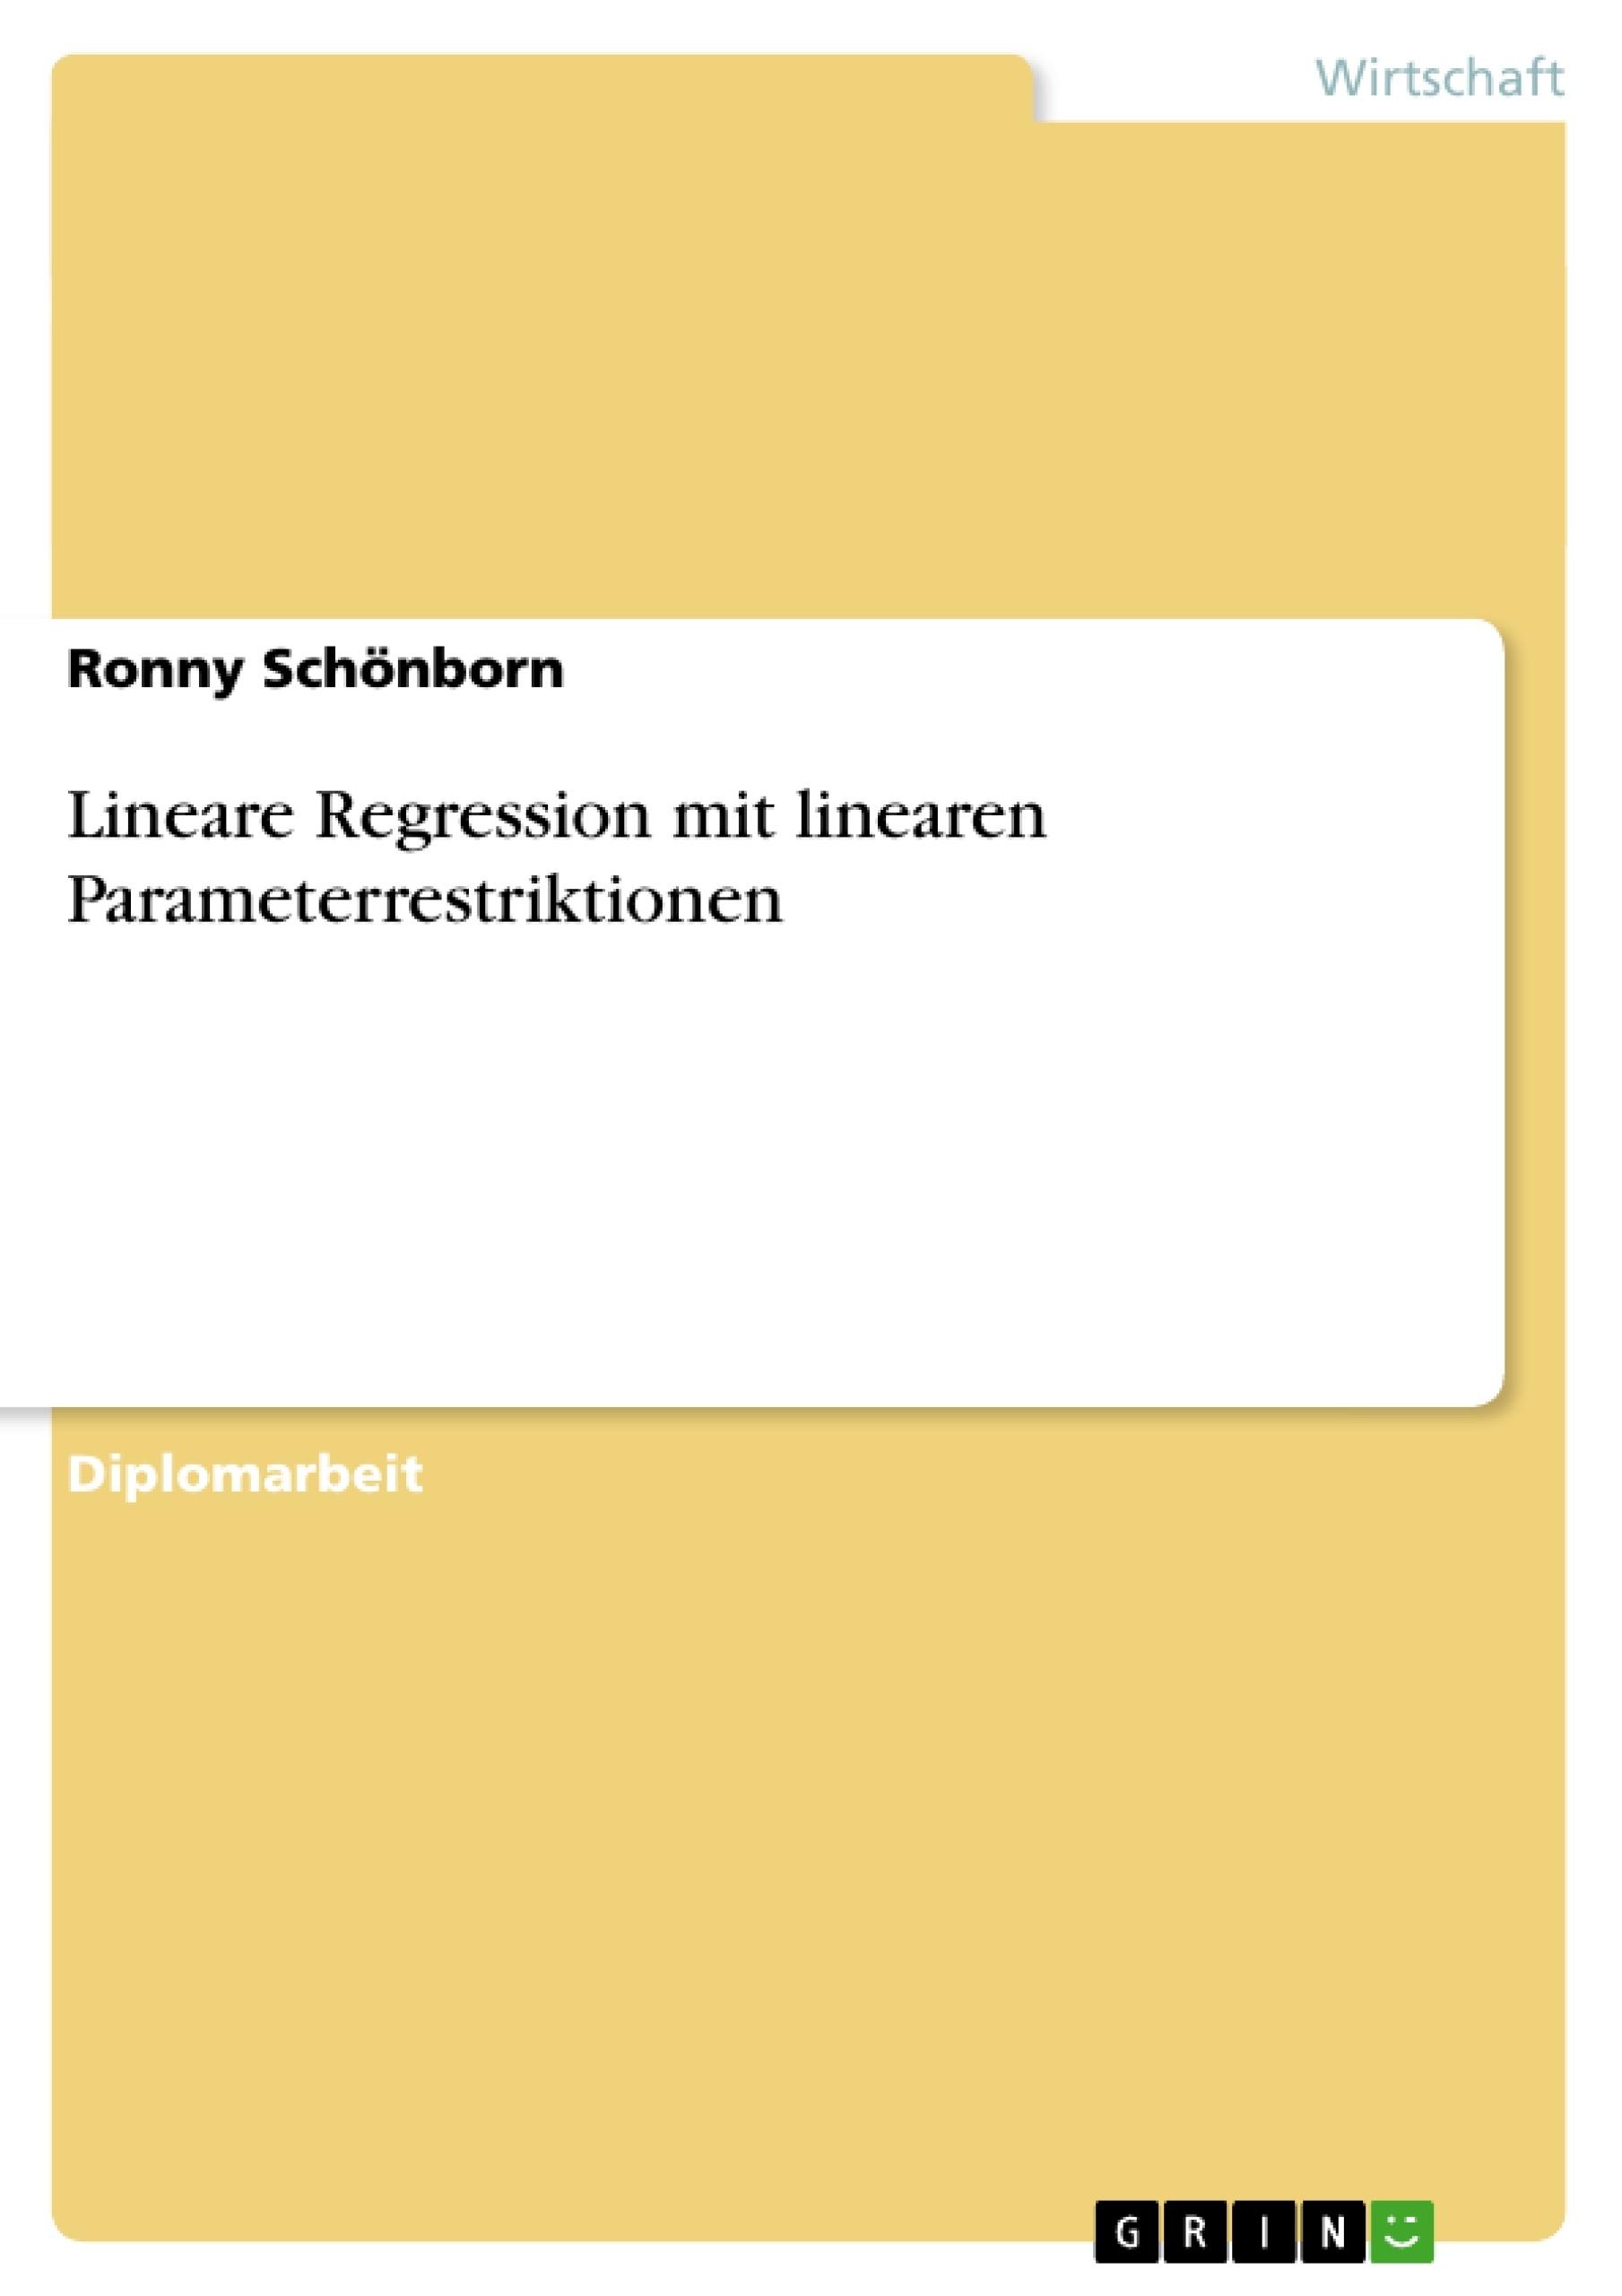 Titel: Lineare Regression mit linearen Parameterrestriktionen